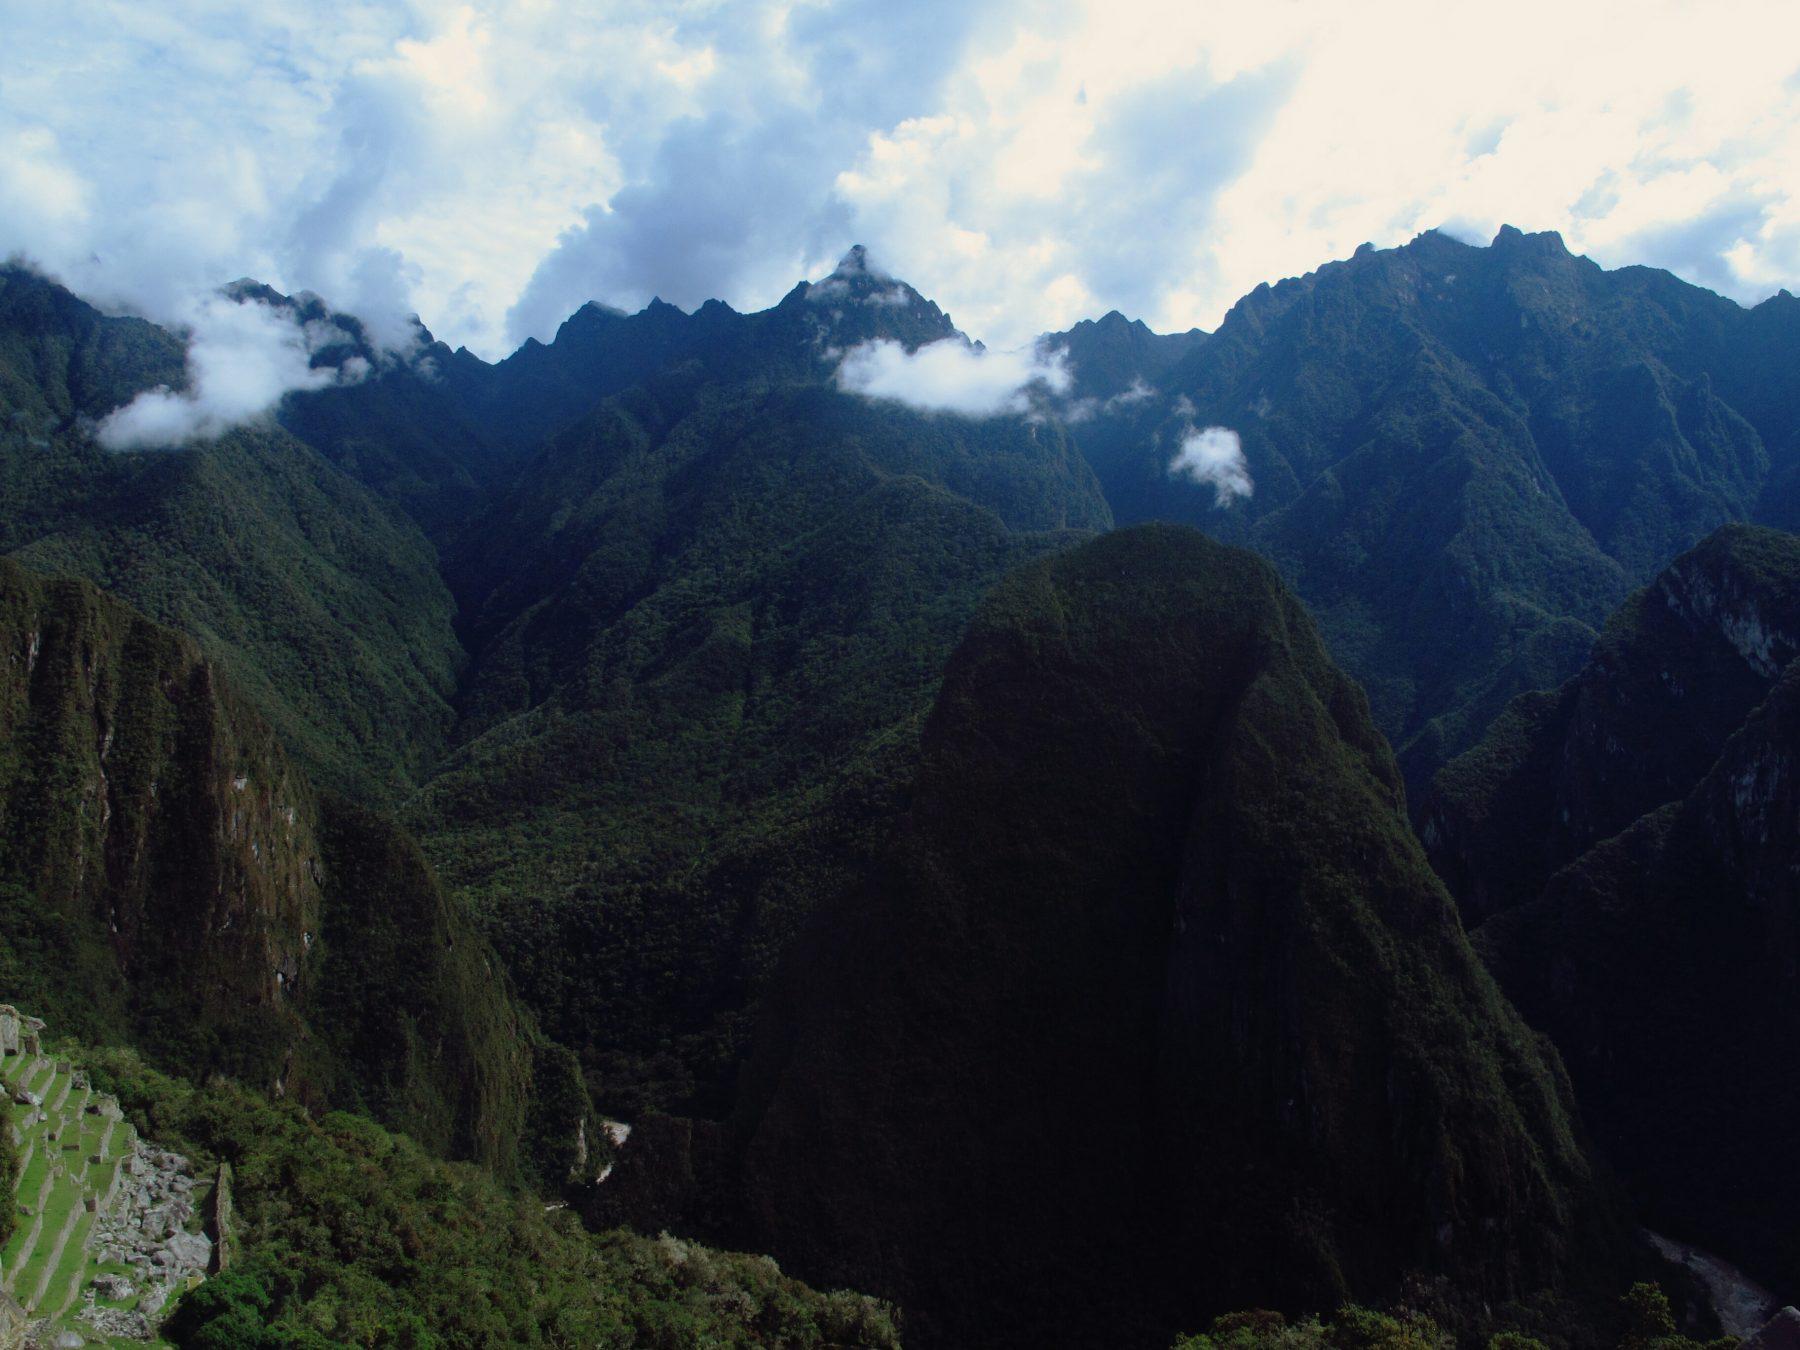 Vue sur les montagnes entourant le Machu Picchu